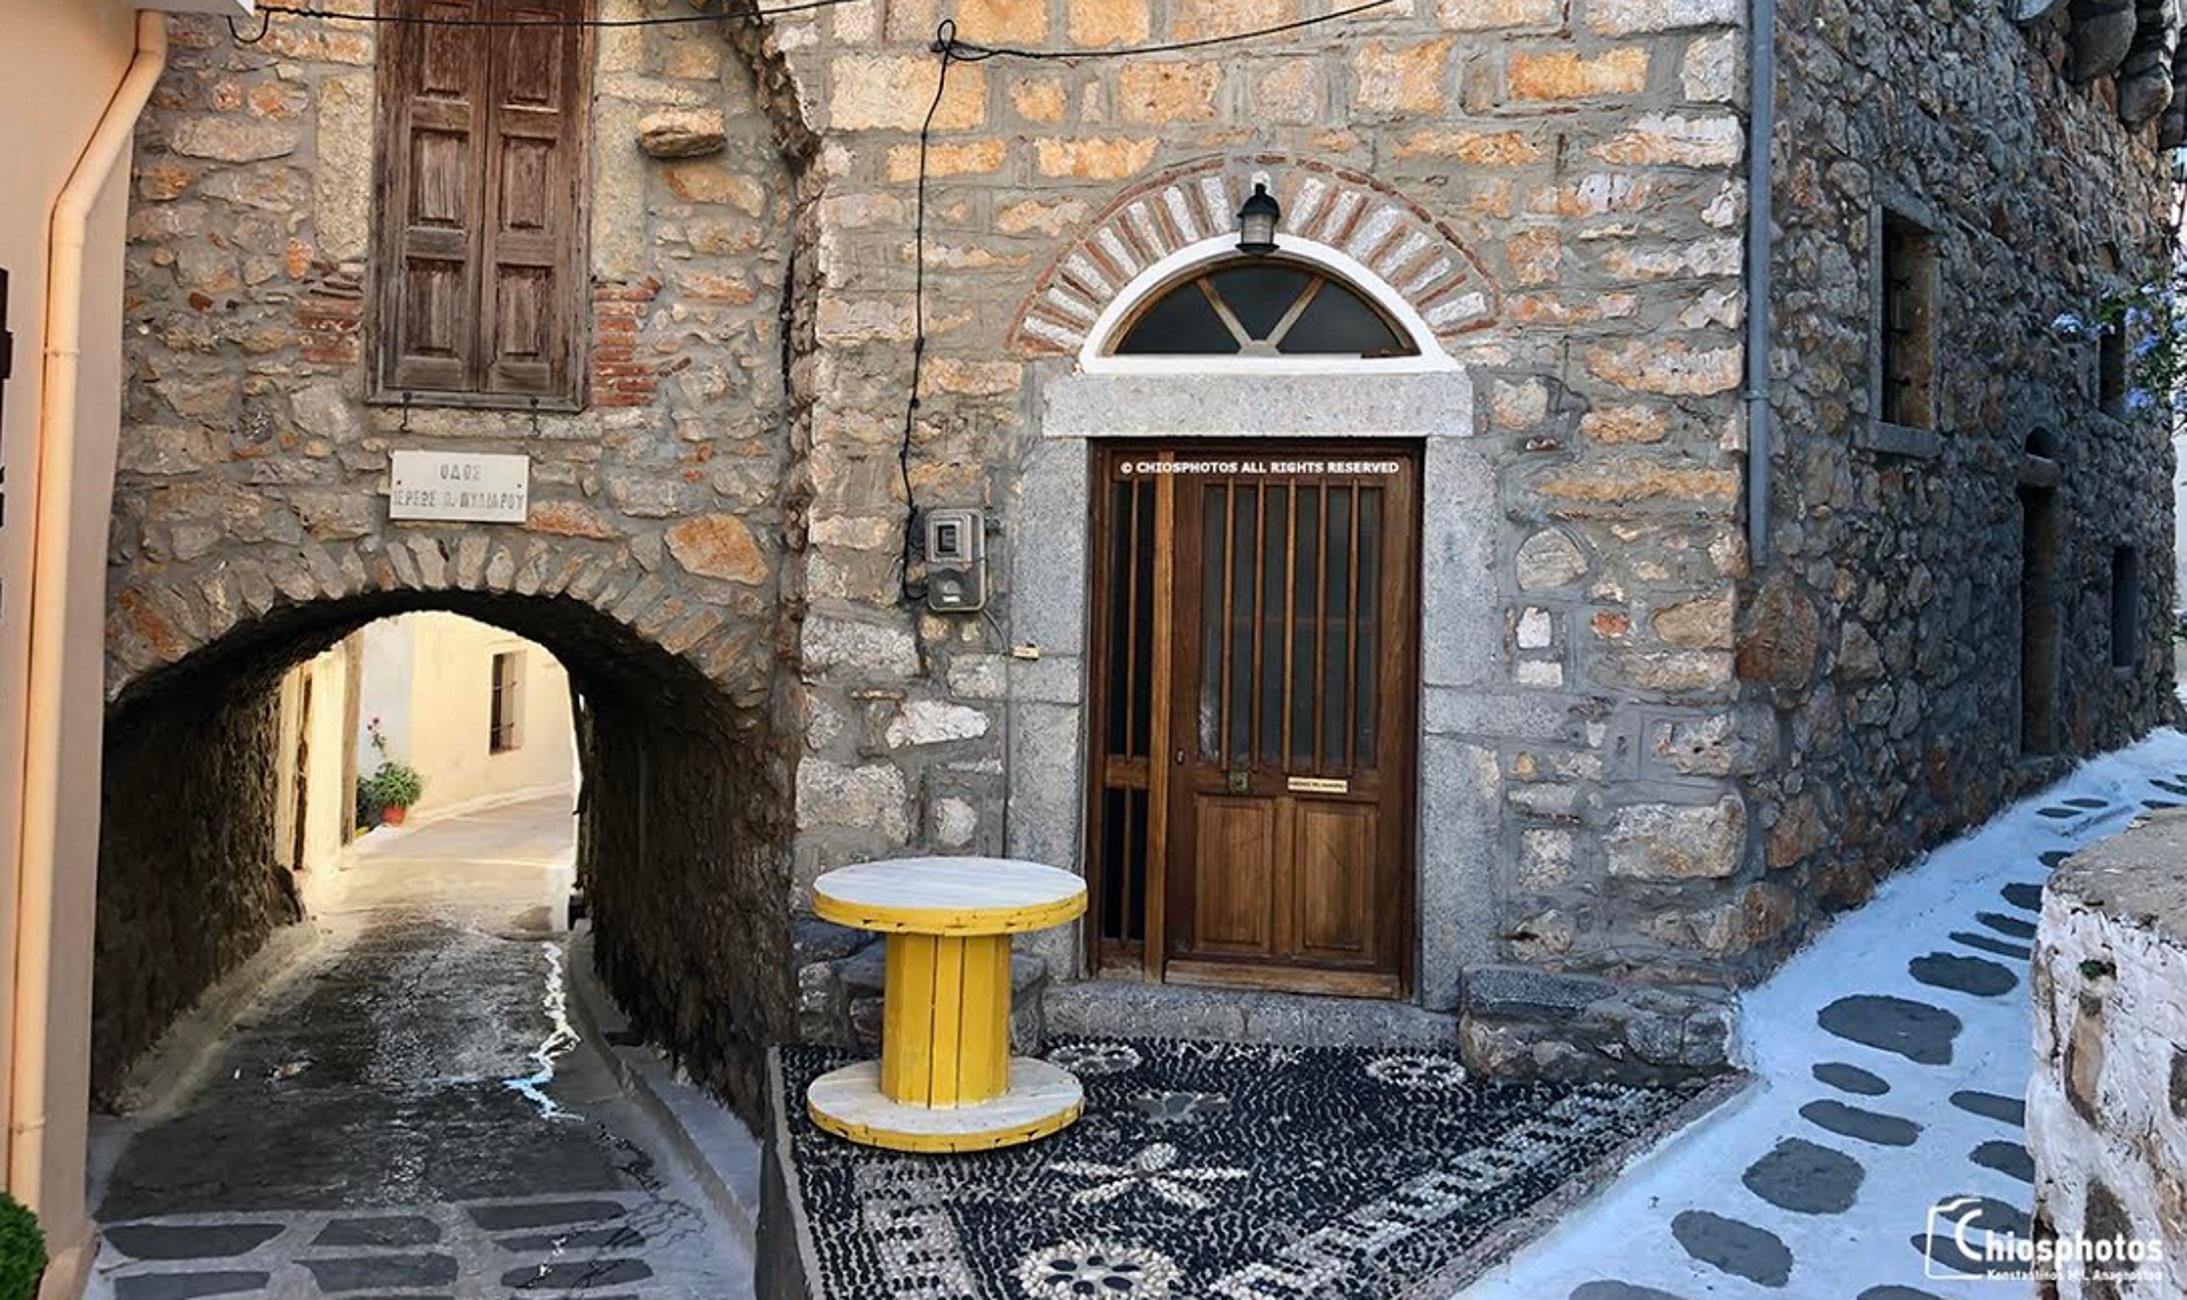 Χίος: Το μεσαιωνικό χωριό που μαγεύει τους επισκέπτες και η άγνωστη ιστορία της ονομασίας του [video]